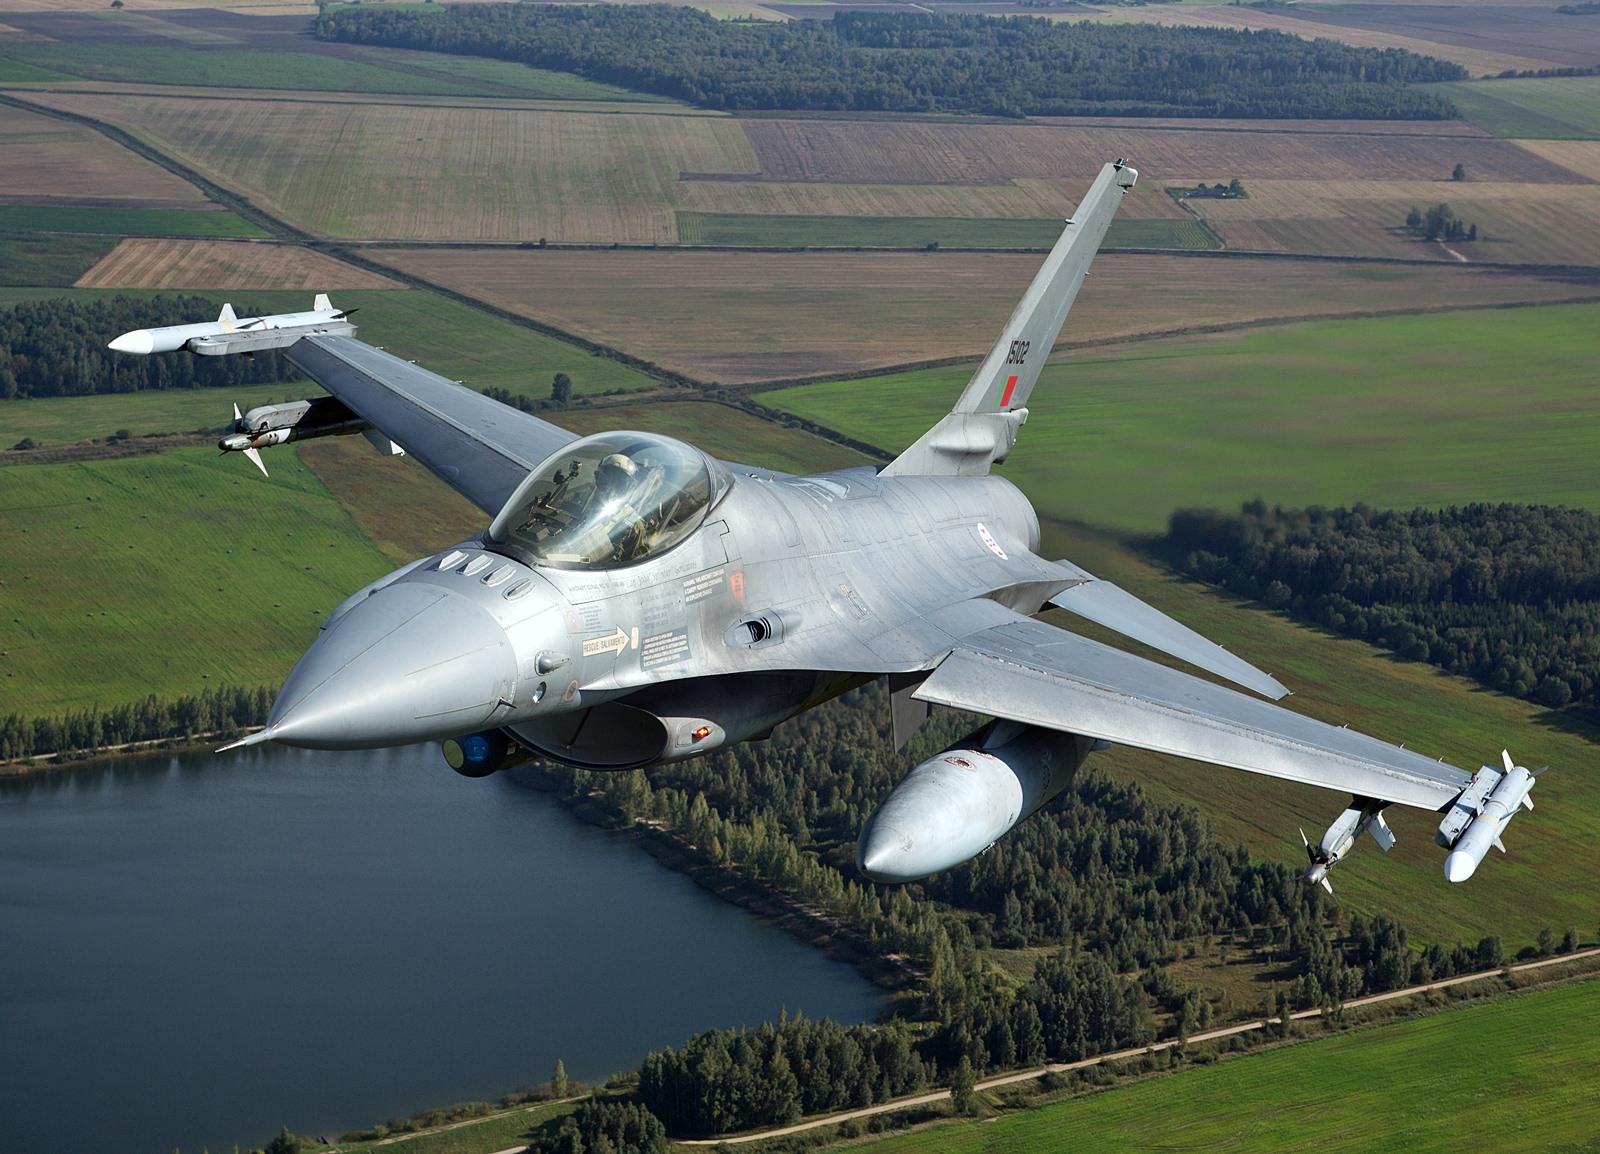 리투아니아에 전개, BAP 임무중인 포르투갈공군 F..